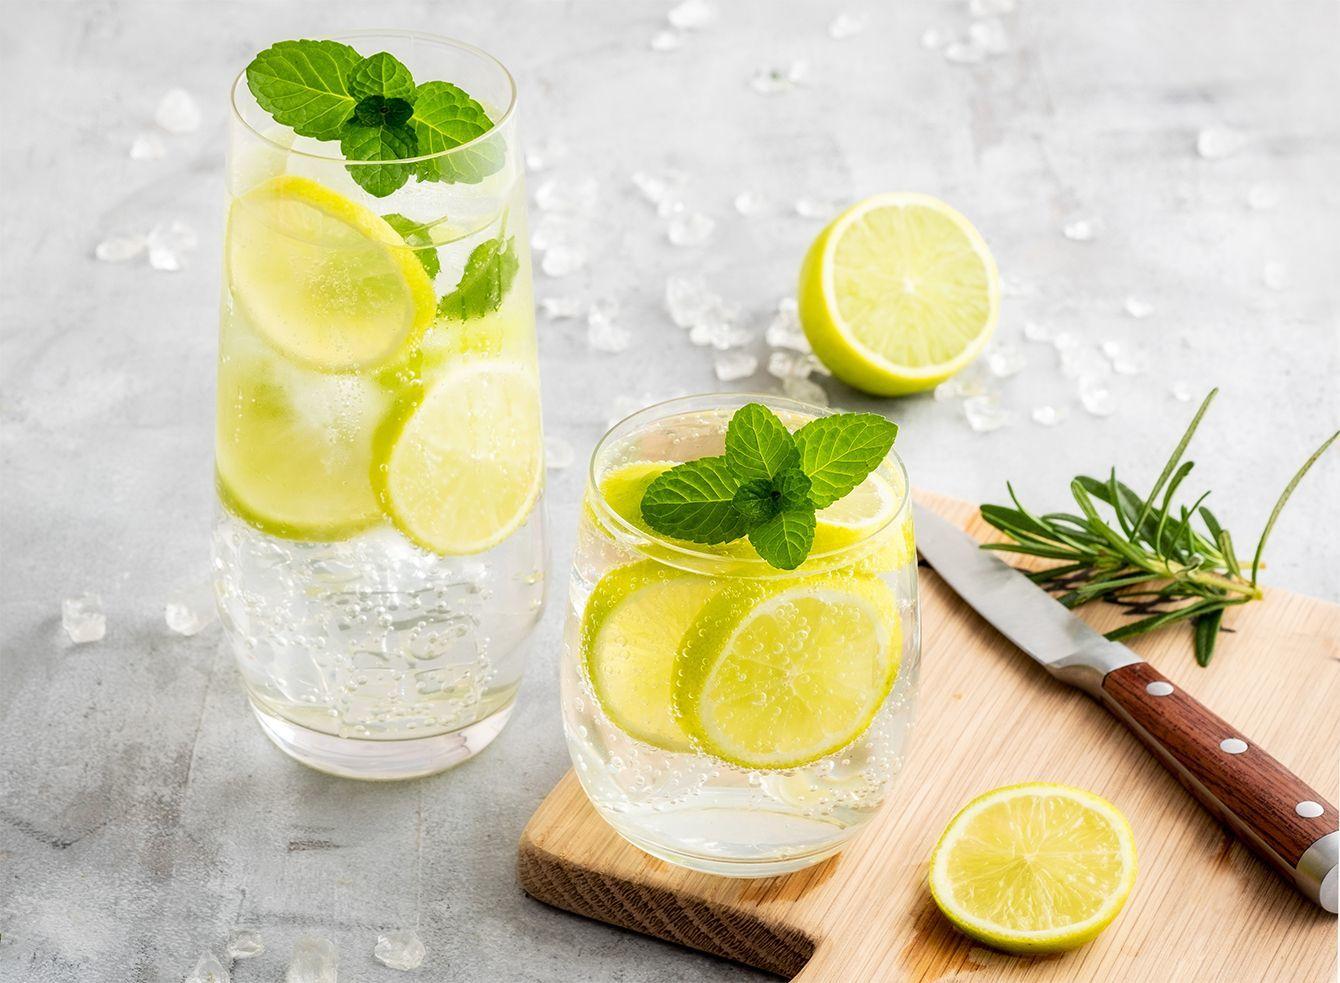 家飲みの新定番「レモンサワー用の割り材」が人気上昇中のワケ 甘さ離れと健康志向がトレンドに